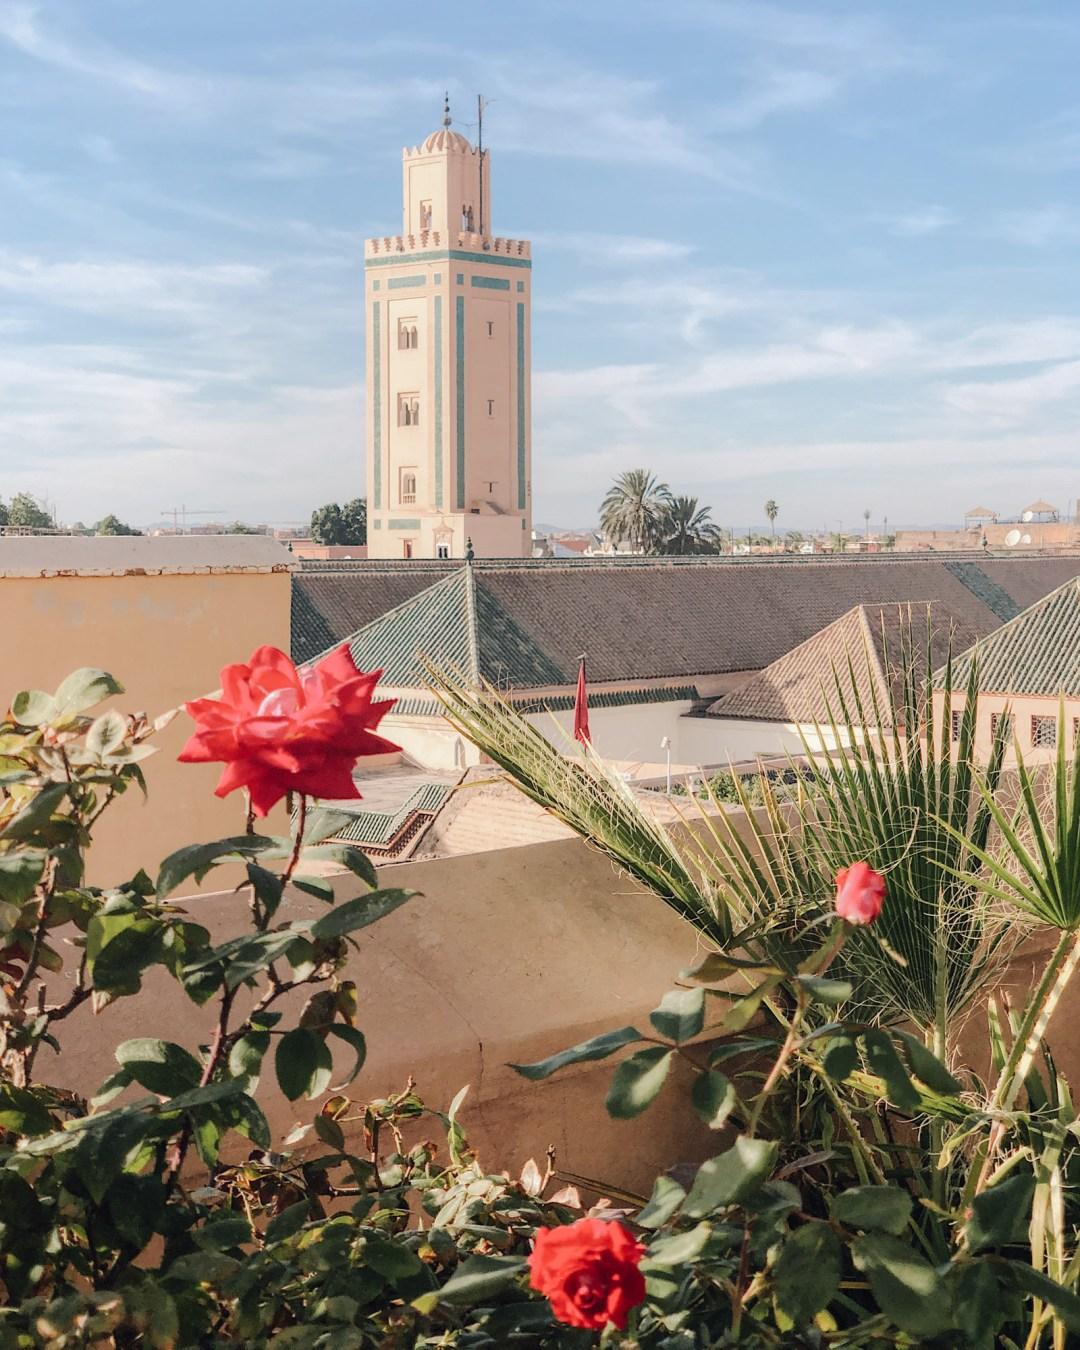 Inastil, Reiseblog, Ue50Blogger, Marrakech, Marokko, Travelblog, Reisebericht, Visualdiary,_-22